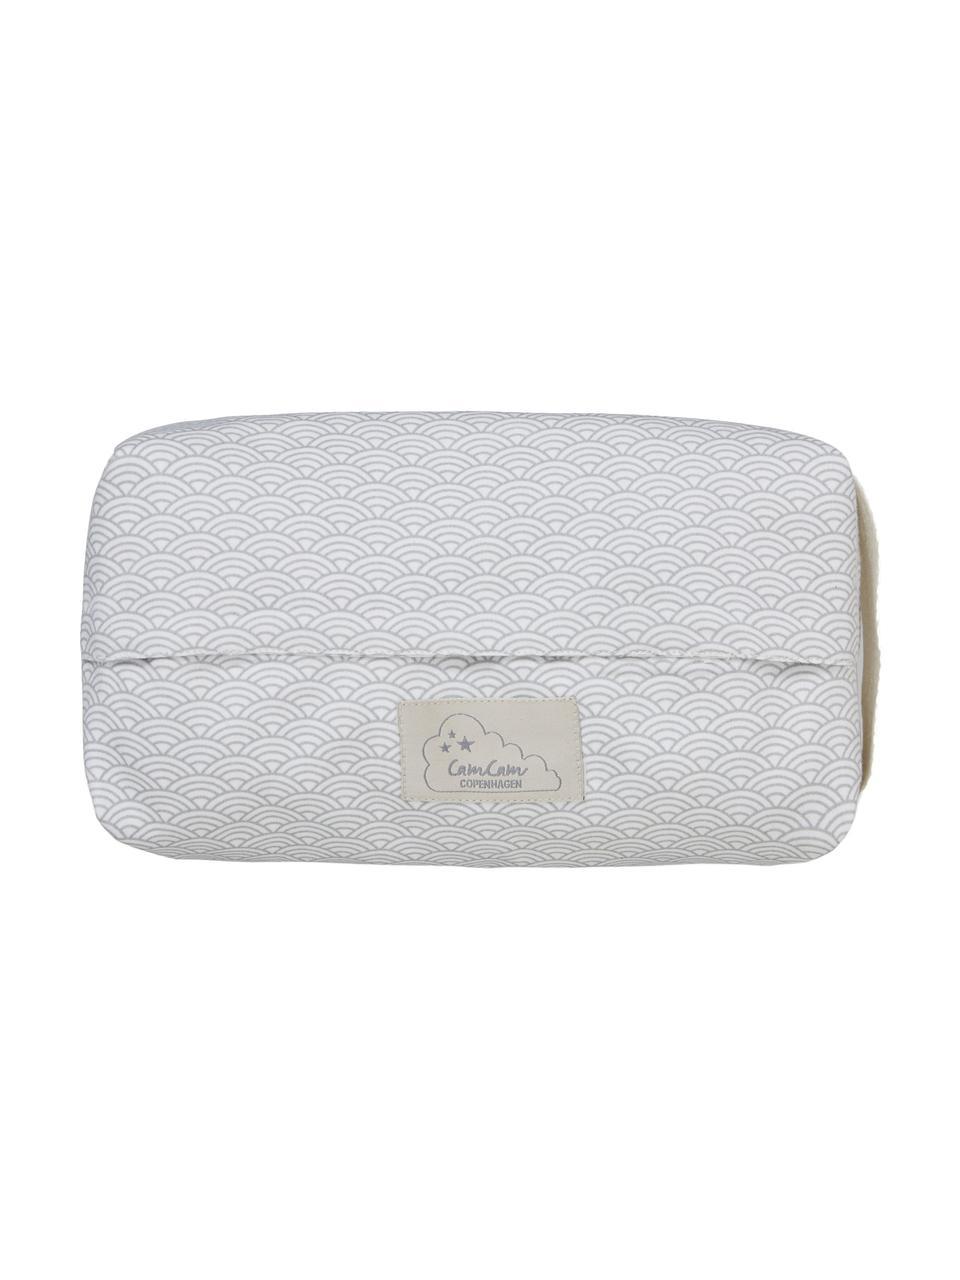 Feuchttücherbezug Wave aus Bio-Baumwolle, 100% Biobaumwolle, Grau, Weiß, B 25 x T 17 cm